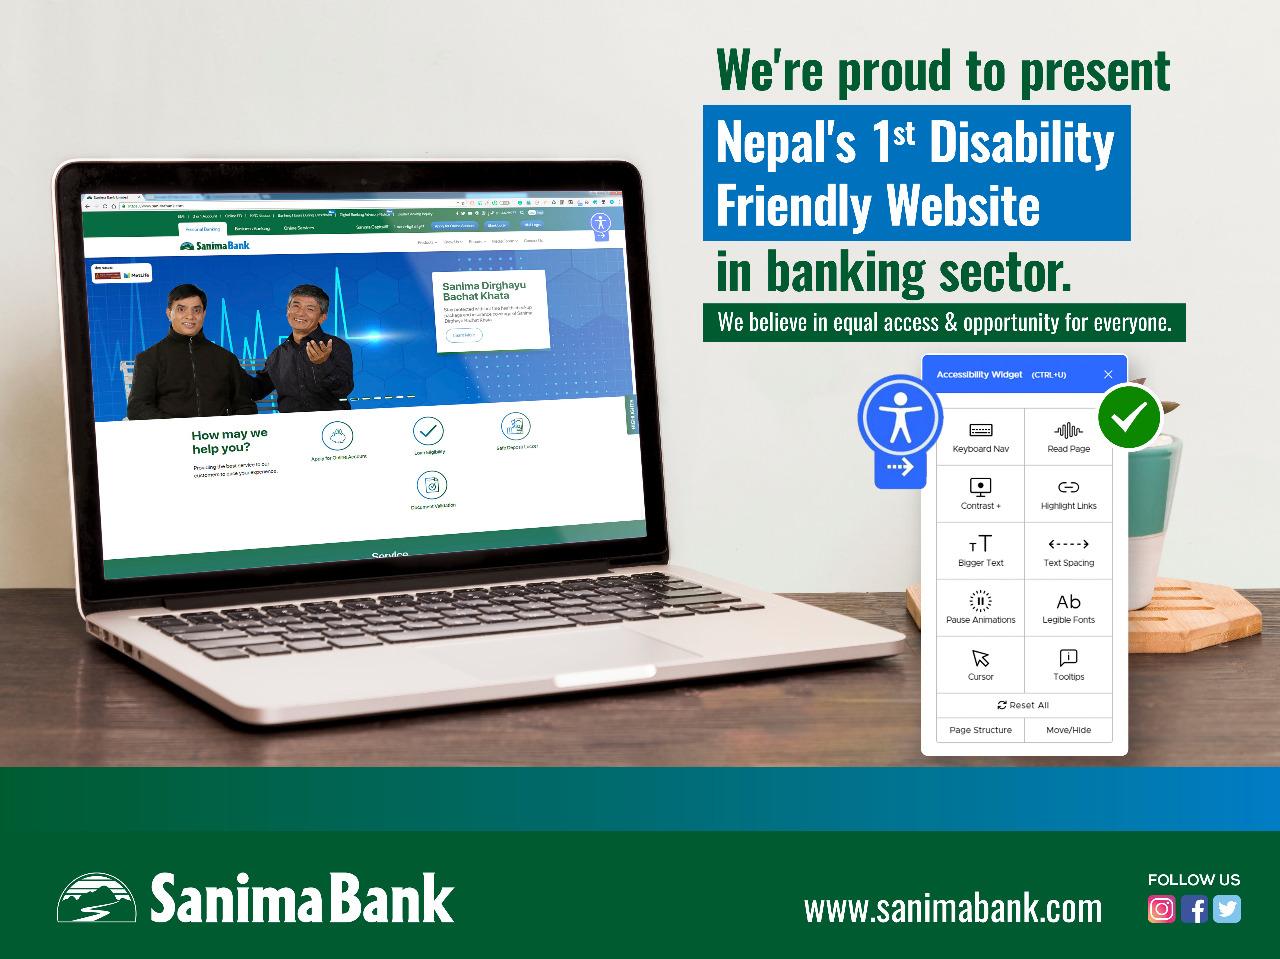 नेपालमै पहिलो पटक बैङ्किङ क्षेत्रमा अपाङ्गता मैत्री वेबसाइट